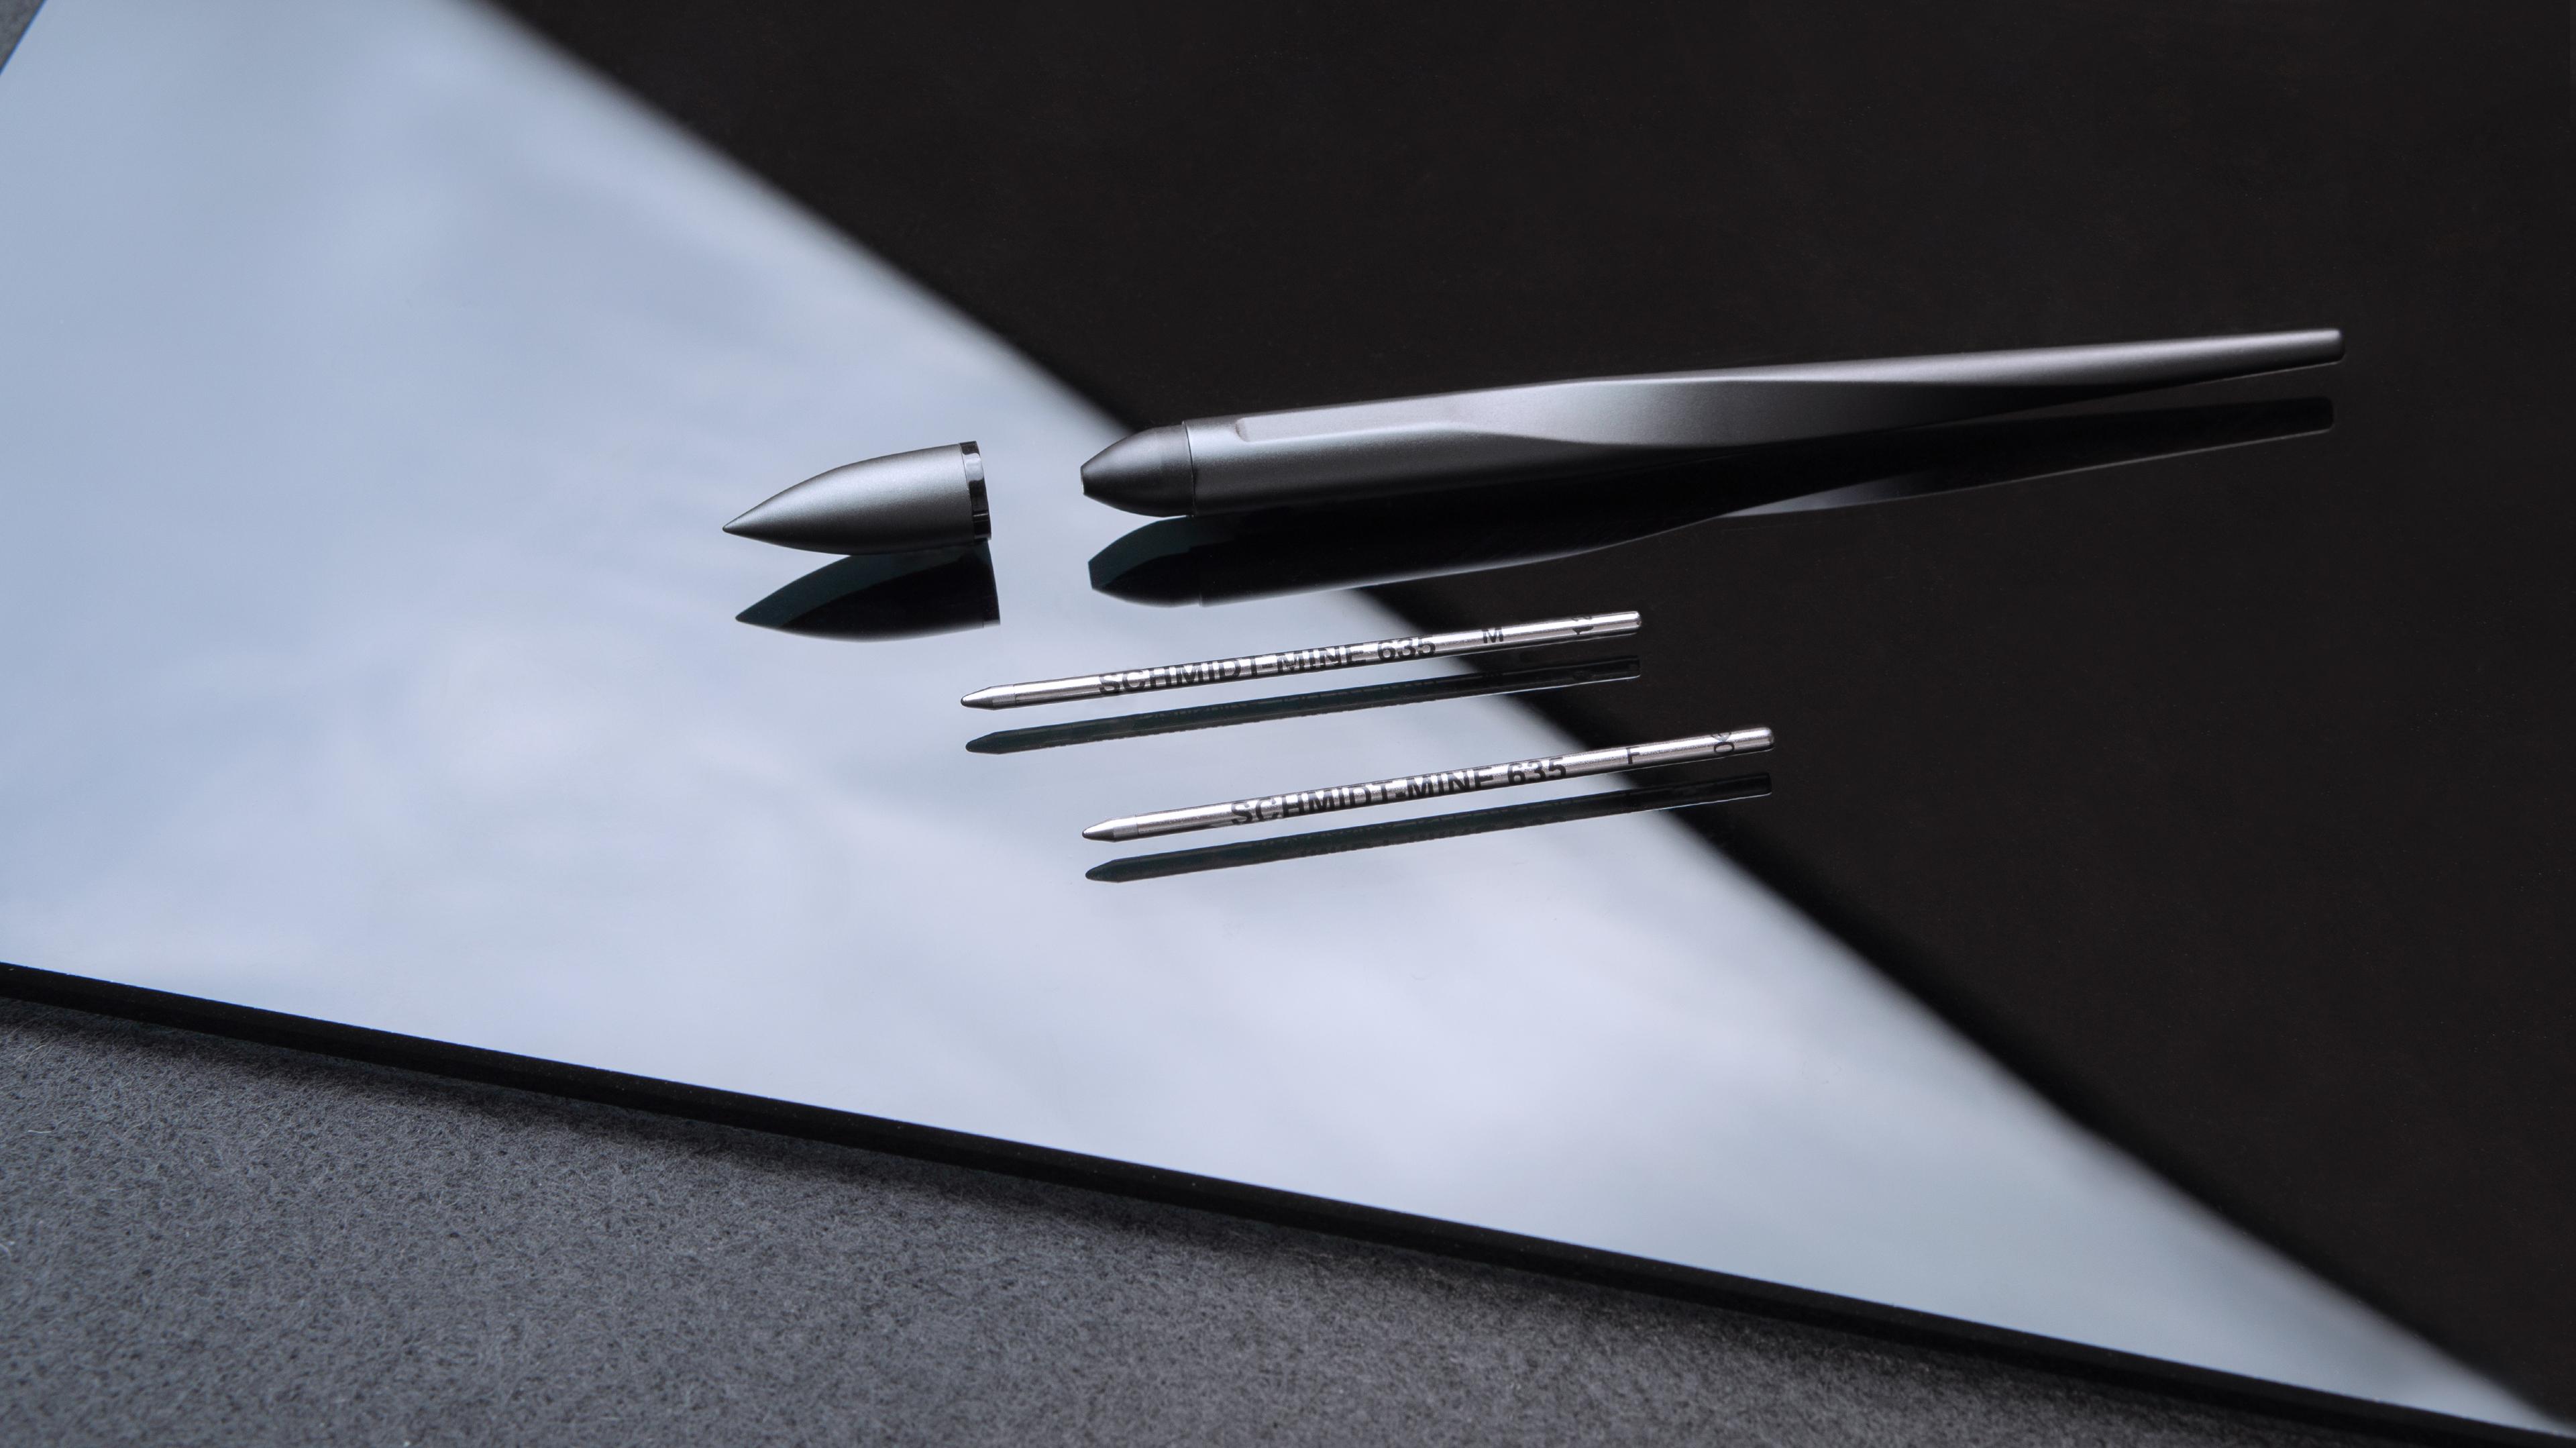 原子筆款使用德國 Schmidt 筆芯,滑順好寫。